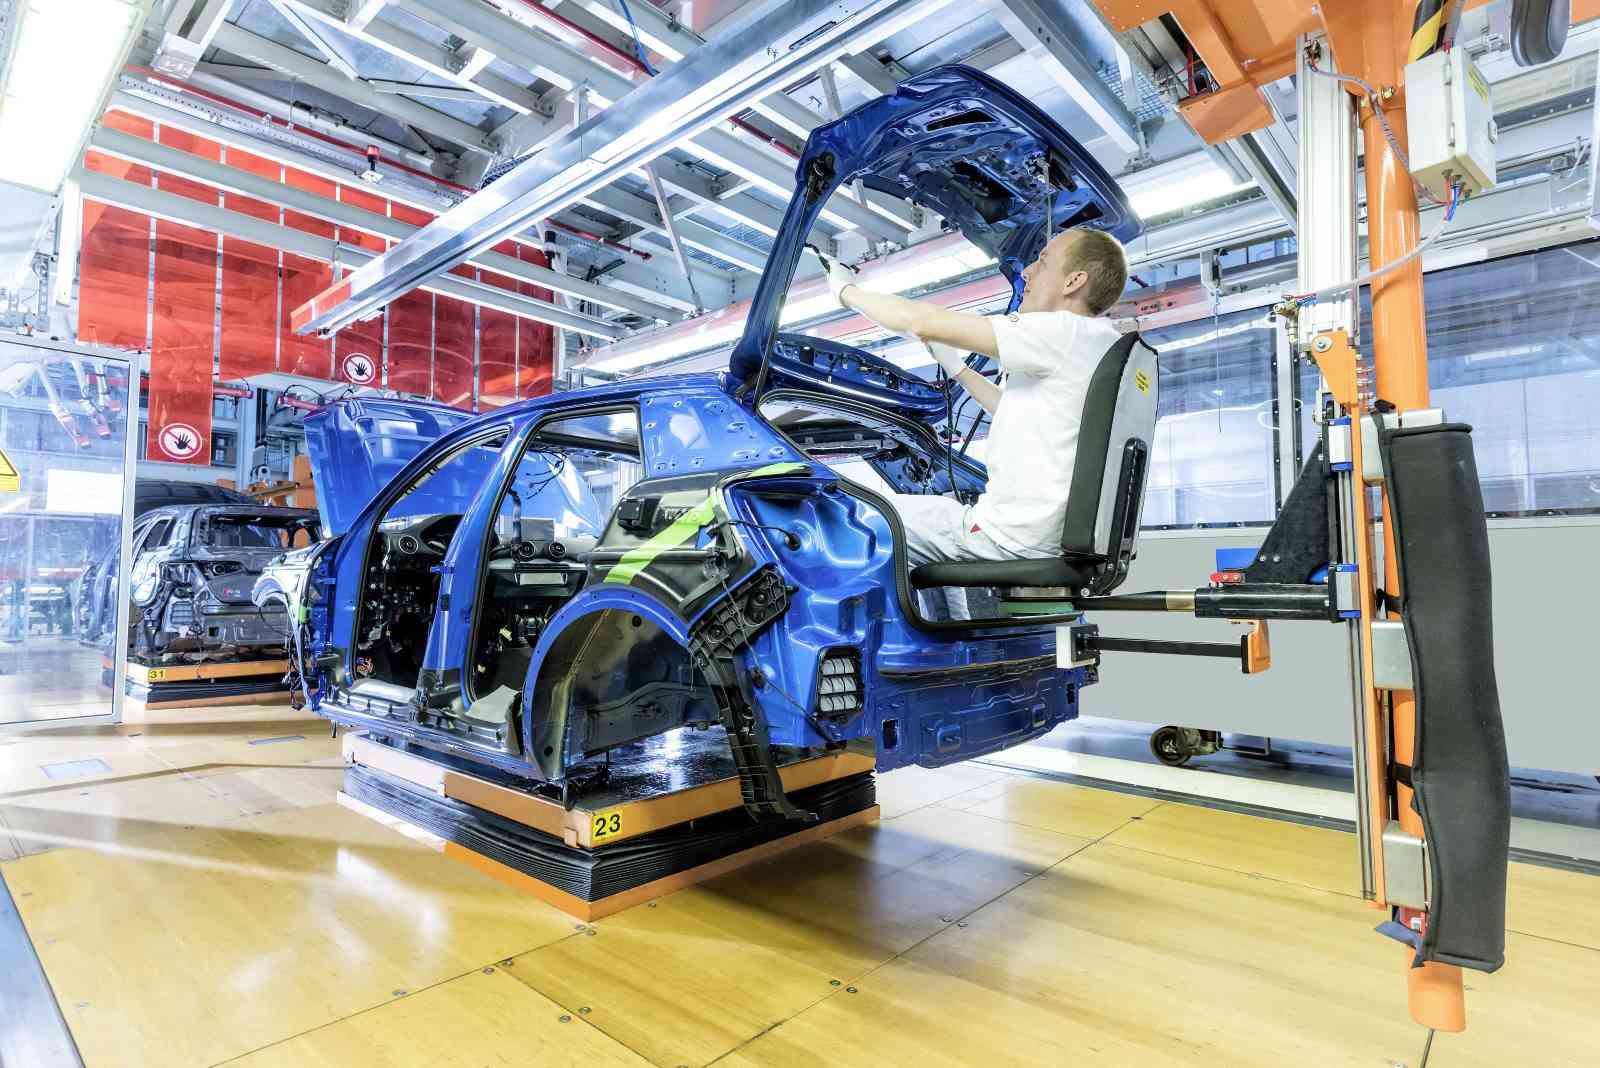 Oltre alla disponibilità di esoscheletri dedicati, in alcune stazioni della linea di montaggio (qui quella della Audi Q2) sono previste delle sedie specifiche per facilitare il lavoro degli addetti. Maggiore ergonomia vuol dire maggiore precisione ed accuratezza